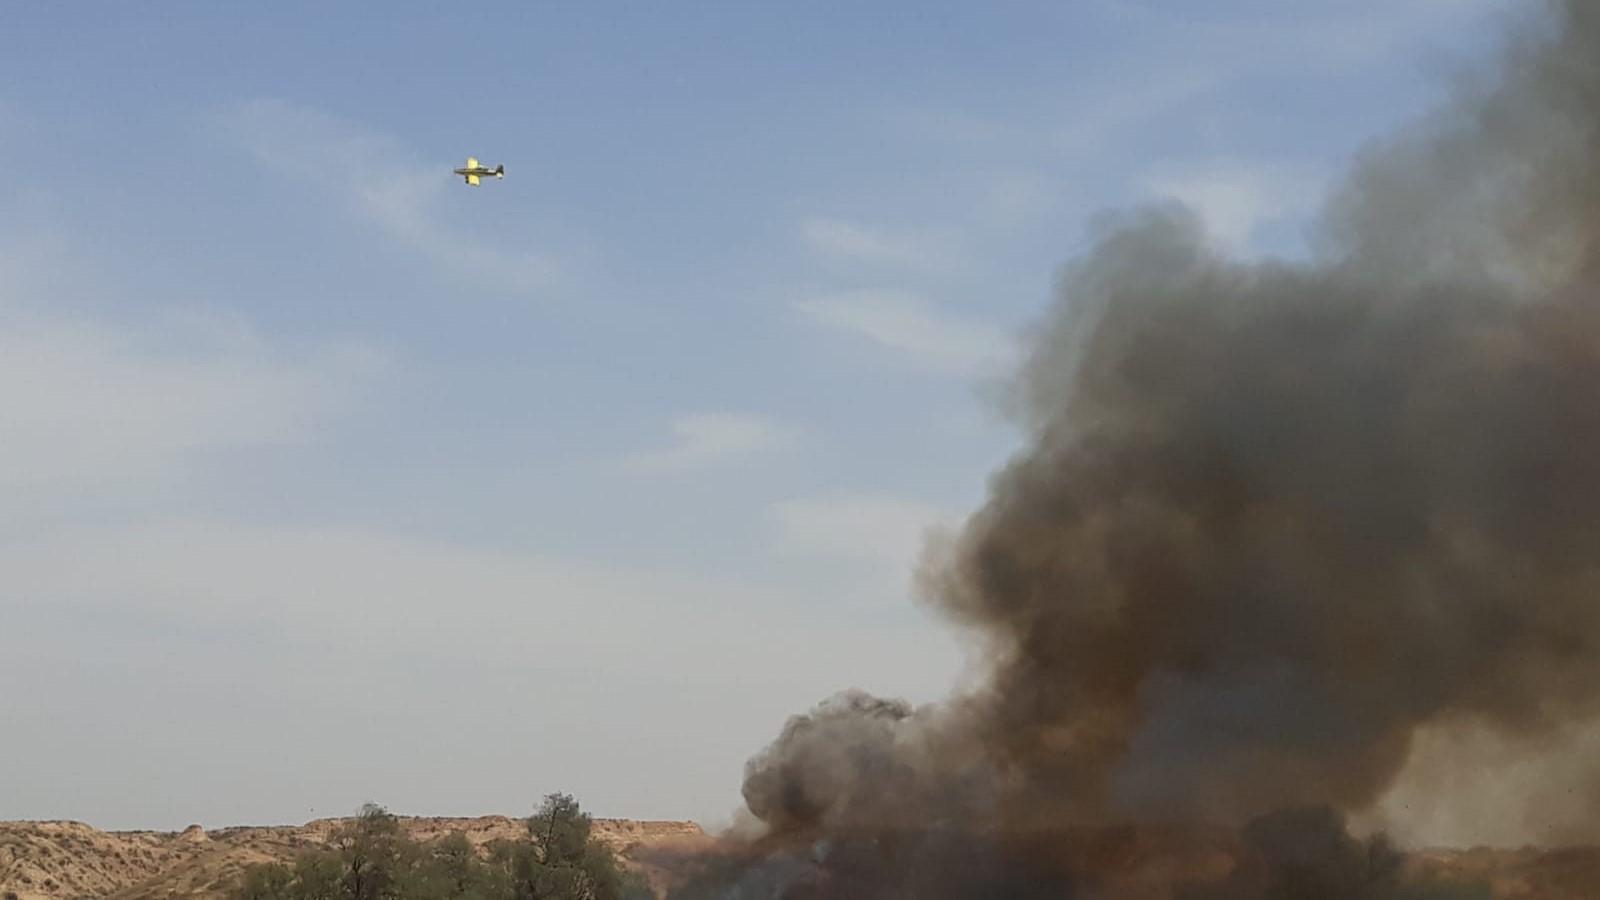 עפיפון תבערה גרם לשריפה באזור אשכול – שריפה נוספת פרצה בקרבת מקום